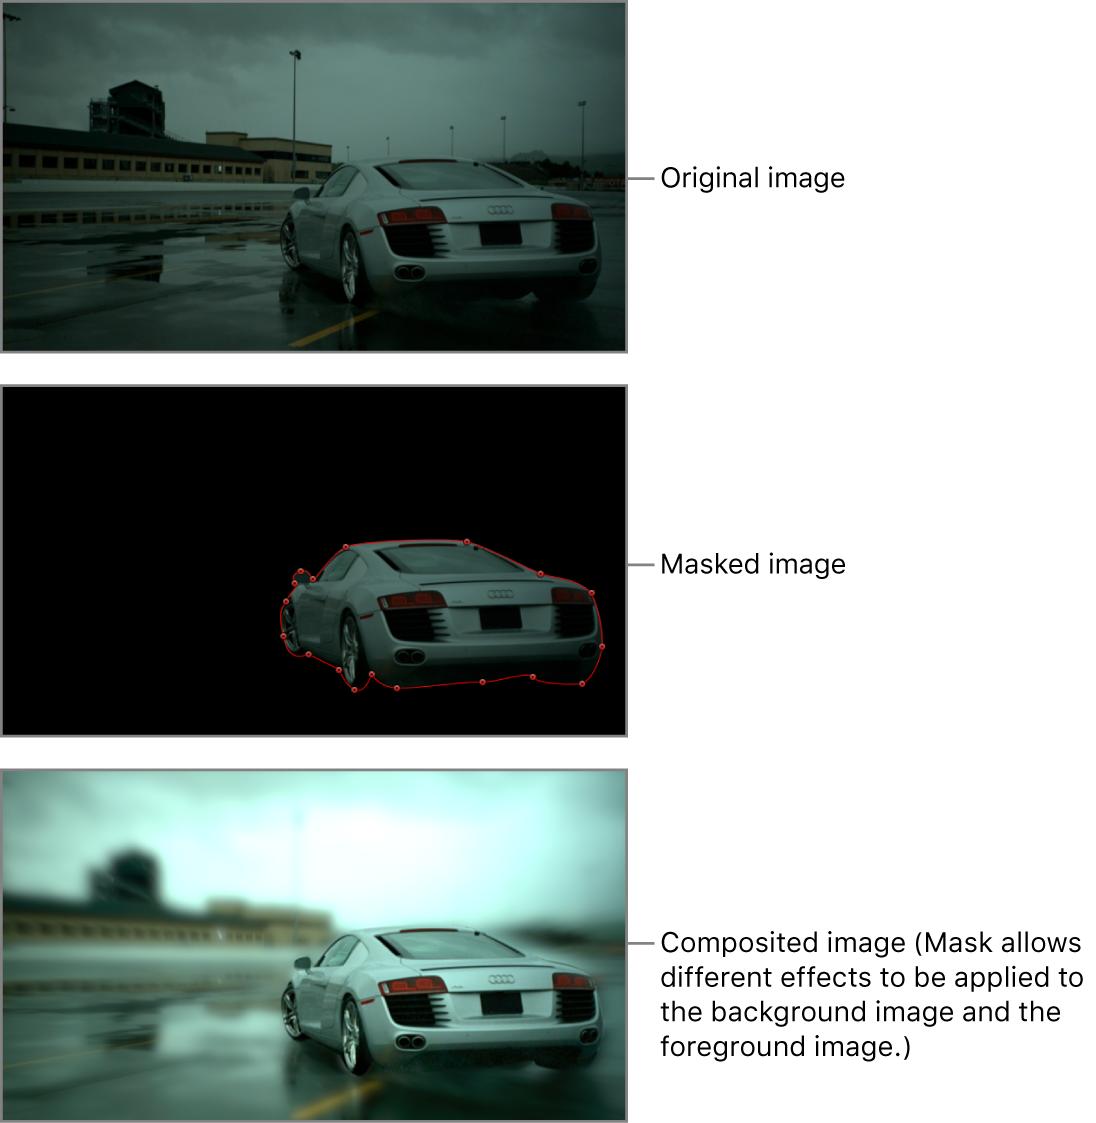 Canvas mit einem Auto vor der Maskierung und mit einer um das Auto gezeichneten Maske sowie dem endgültigen Rotoscoping-Effekt (auf den Hintergrund wurde ein Weichzeichnungsfilter angewendet, nicht jedoch auf das Auto)